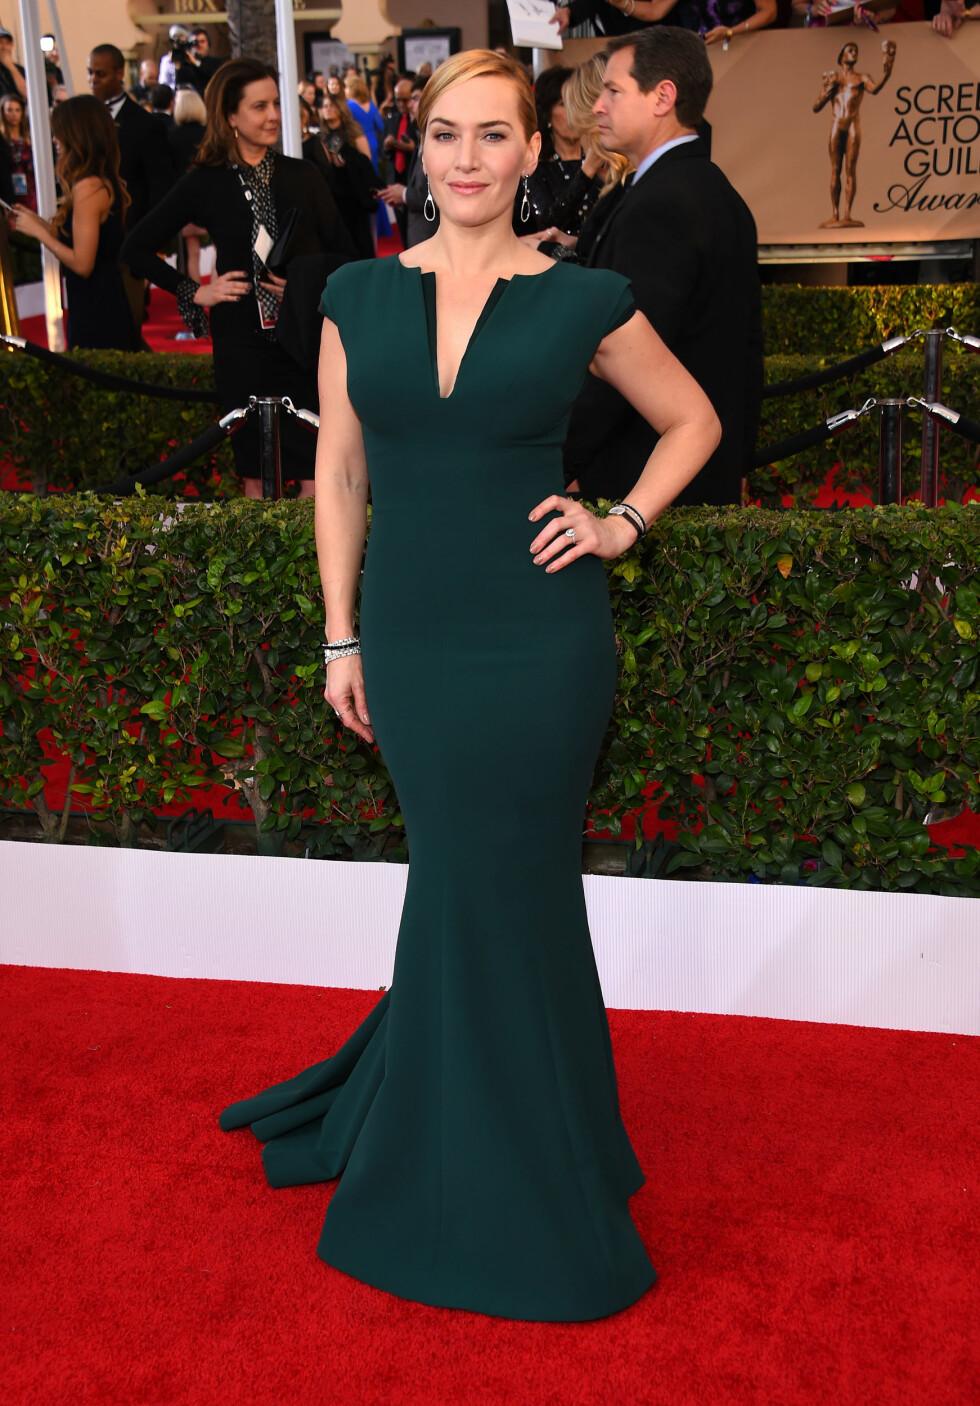 VAKKER: Kate Winslet hadde på seg en mørkgrønn kjole av merket Armani.  Foto: Pa Photos